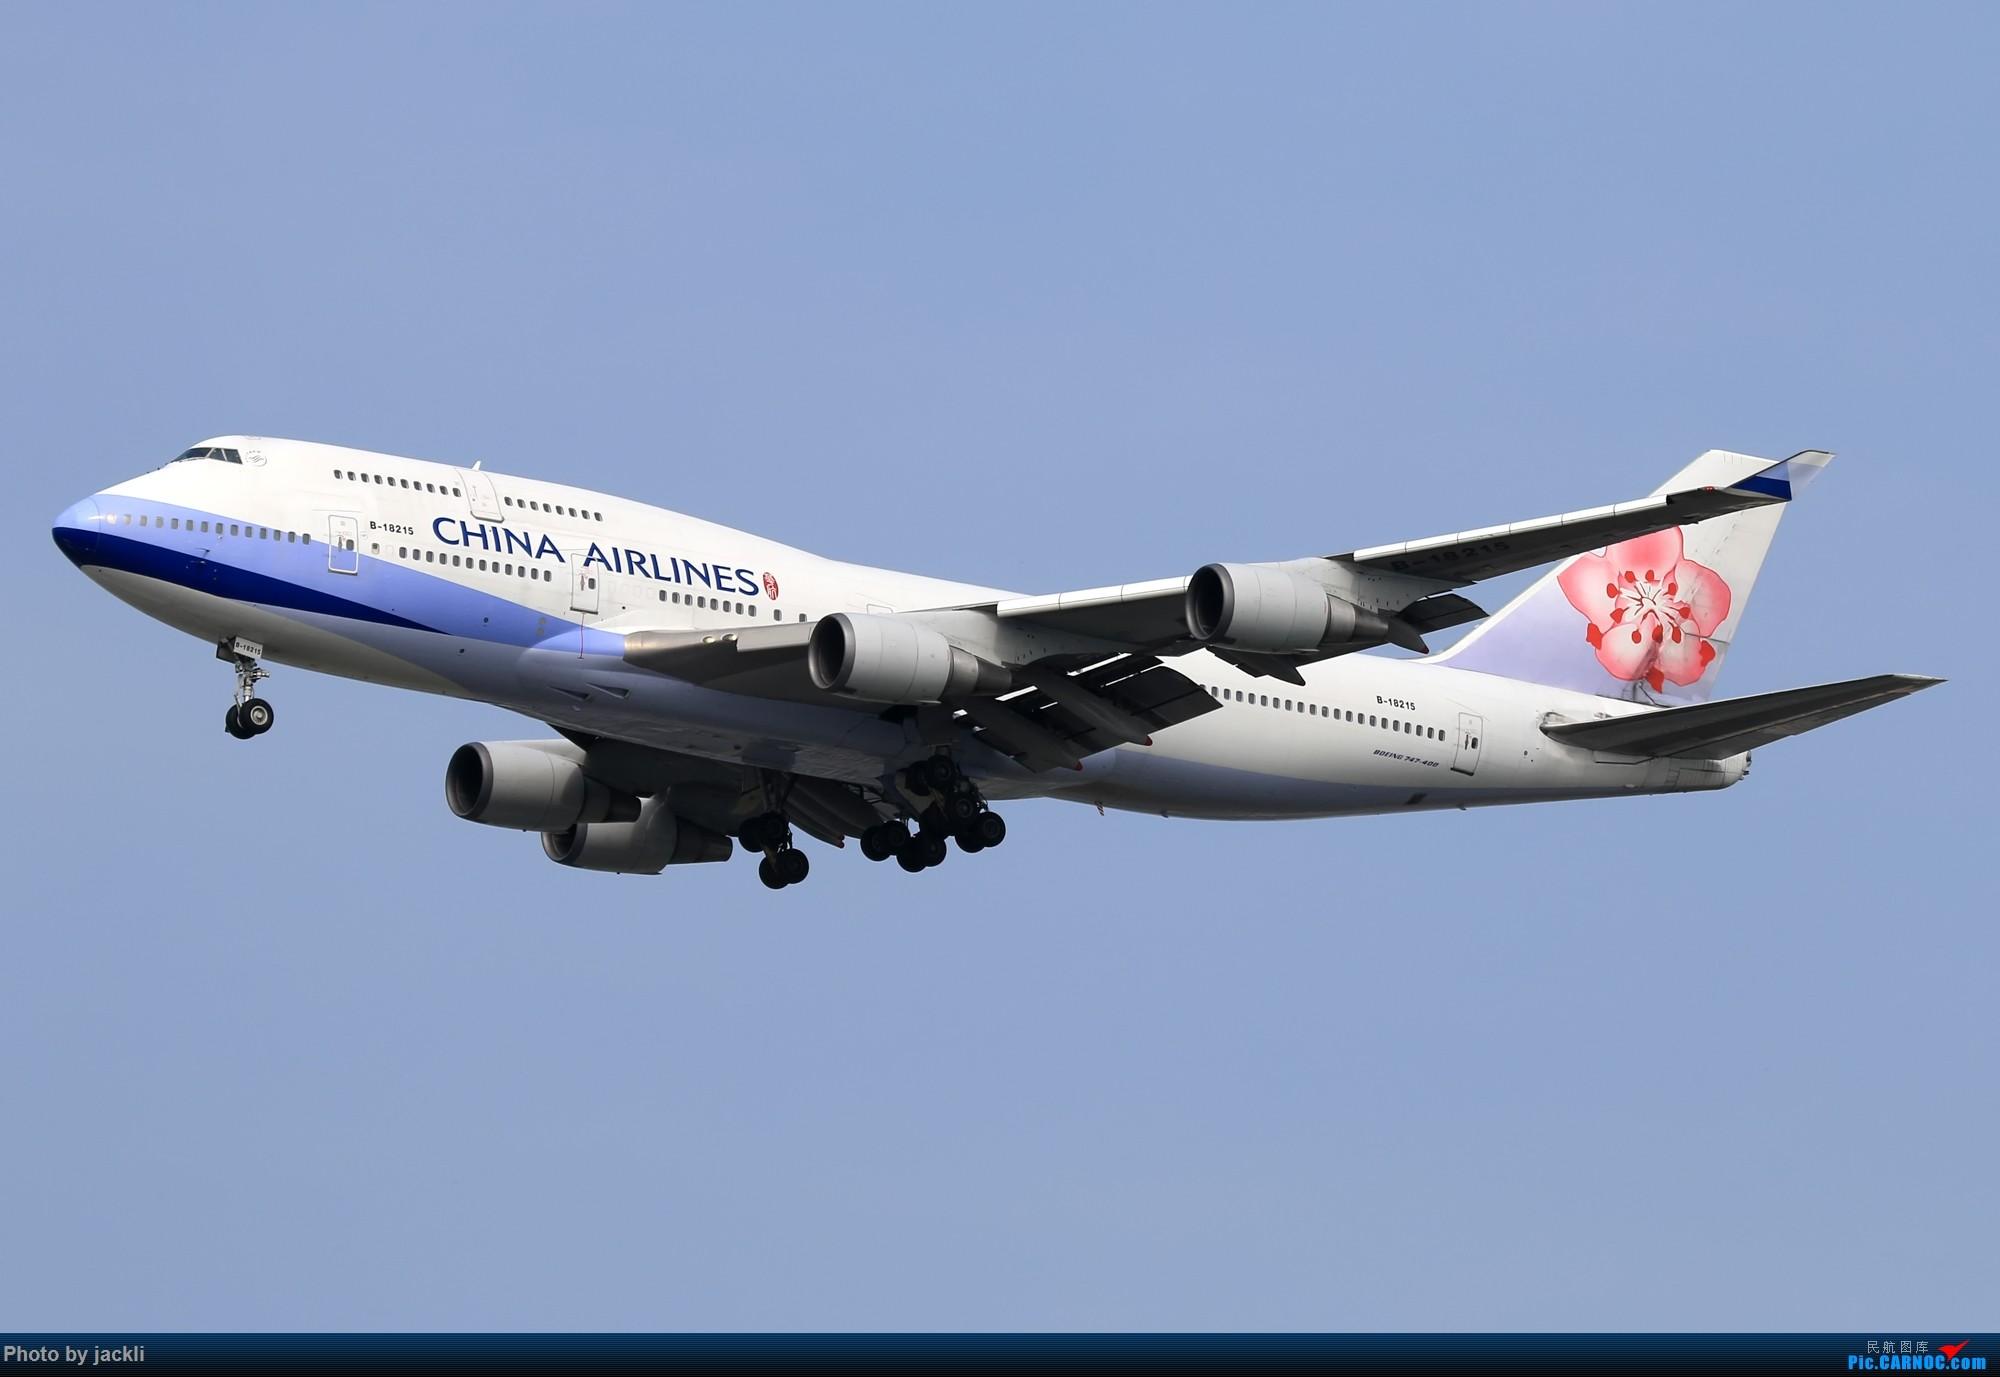 Re:【JackLi】泰国曼谷素万那普机场拍机~ BOEING 747-400 B-18215 泰国曼谷素万那普国际机场